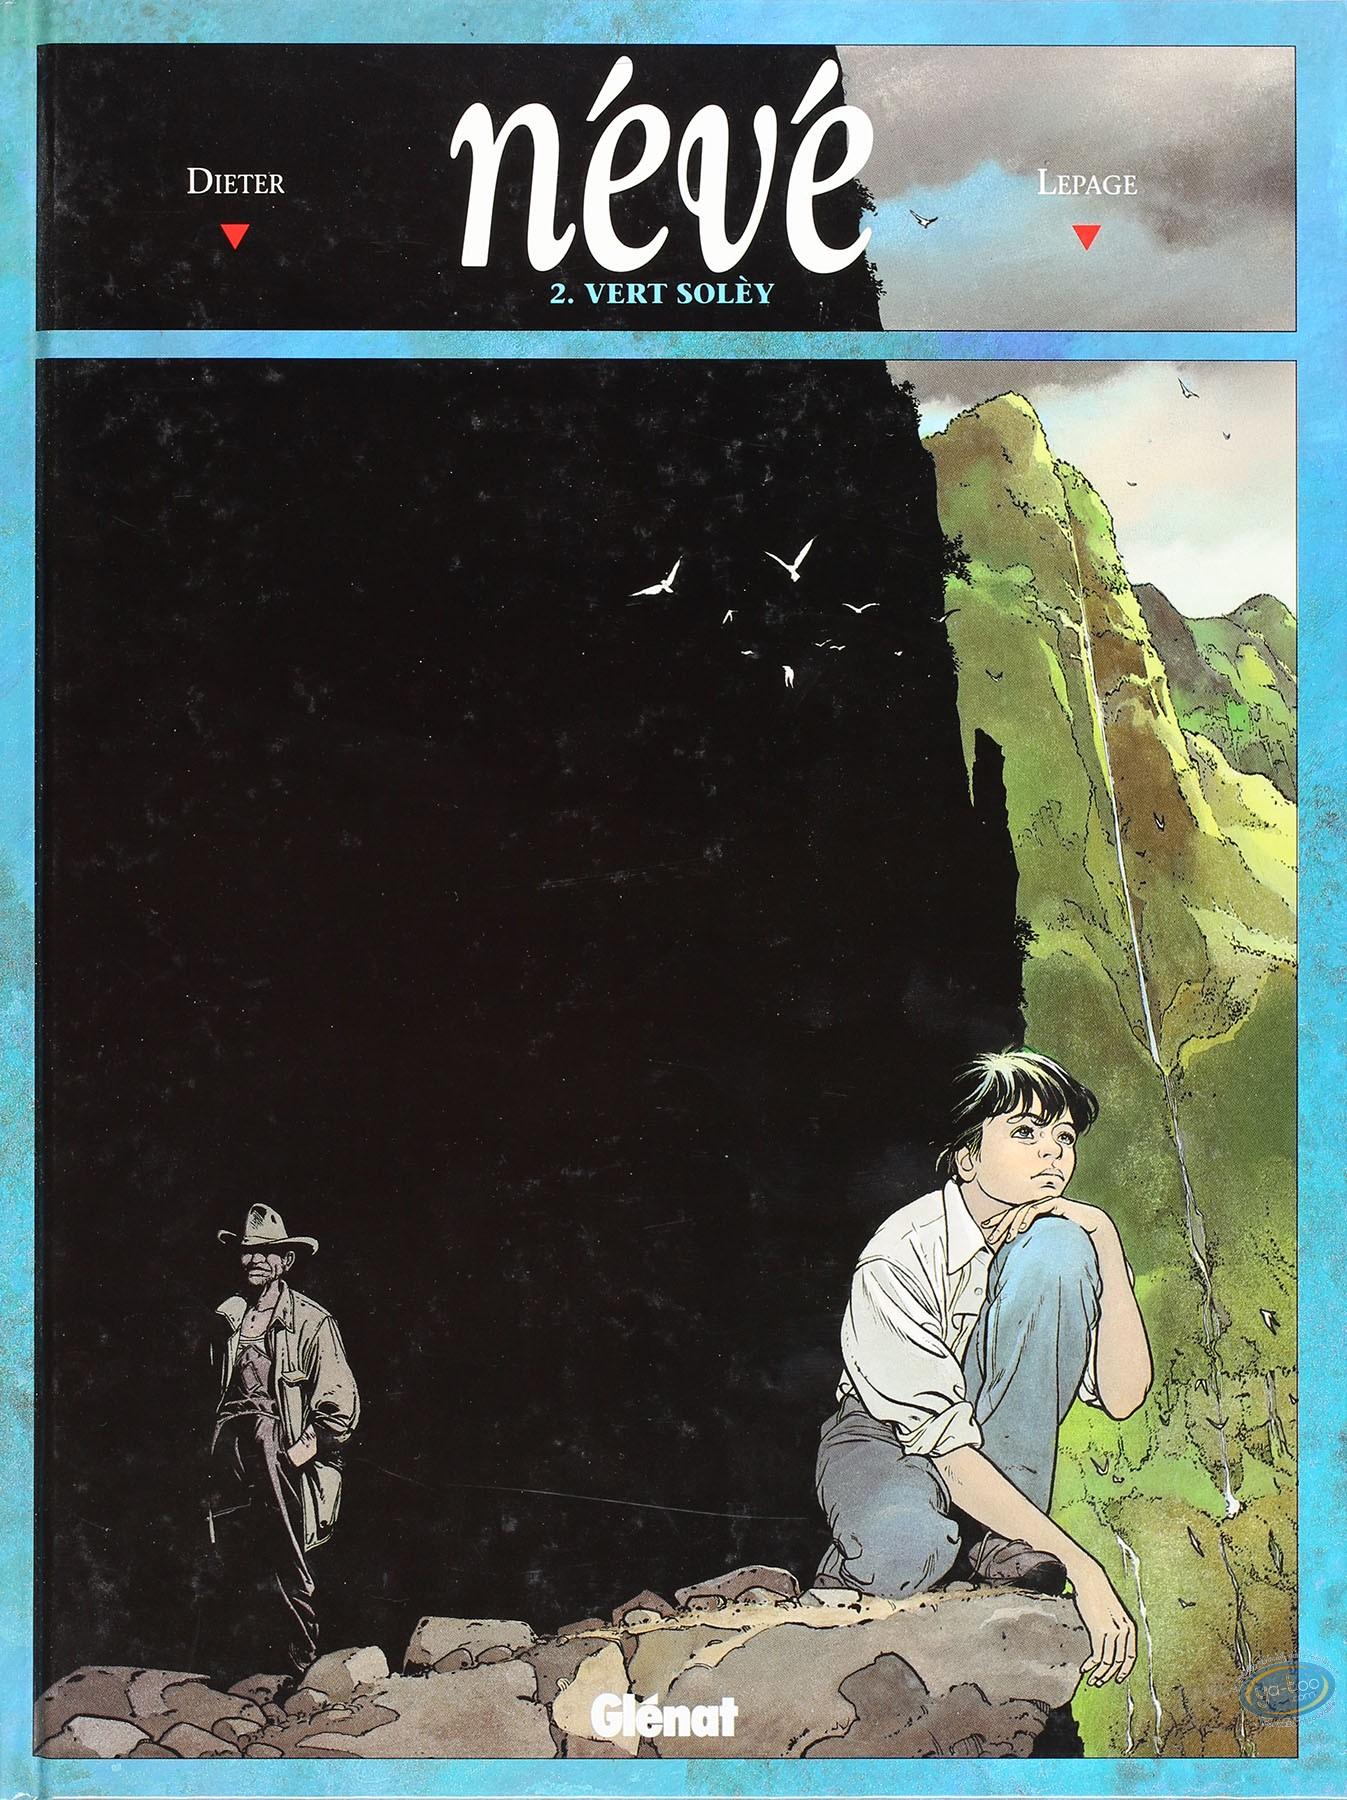 Listed European Comic Books, Névé : Vert Solèy